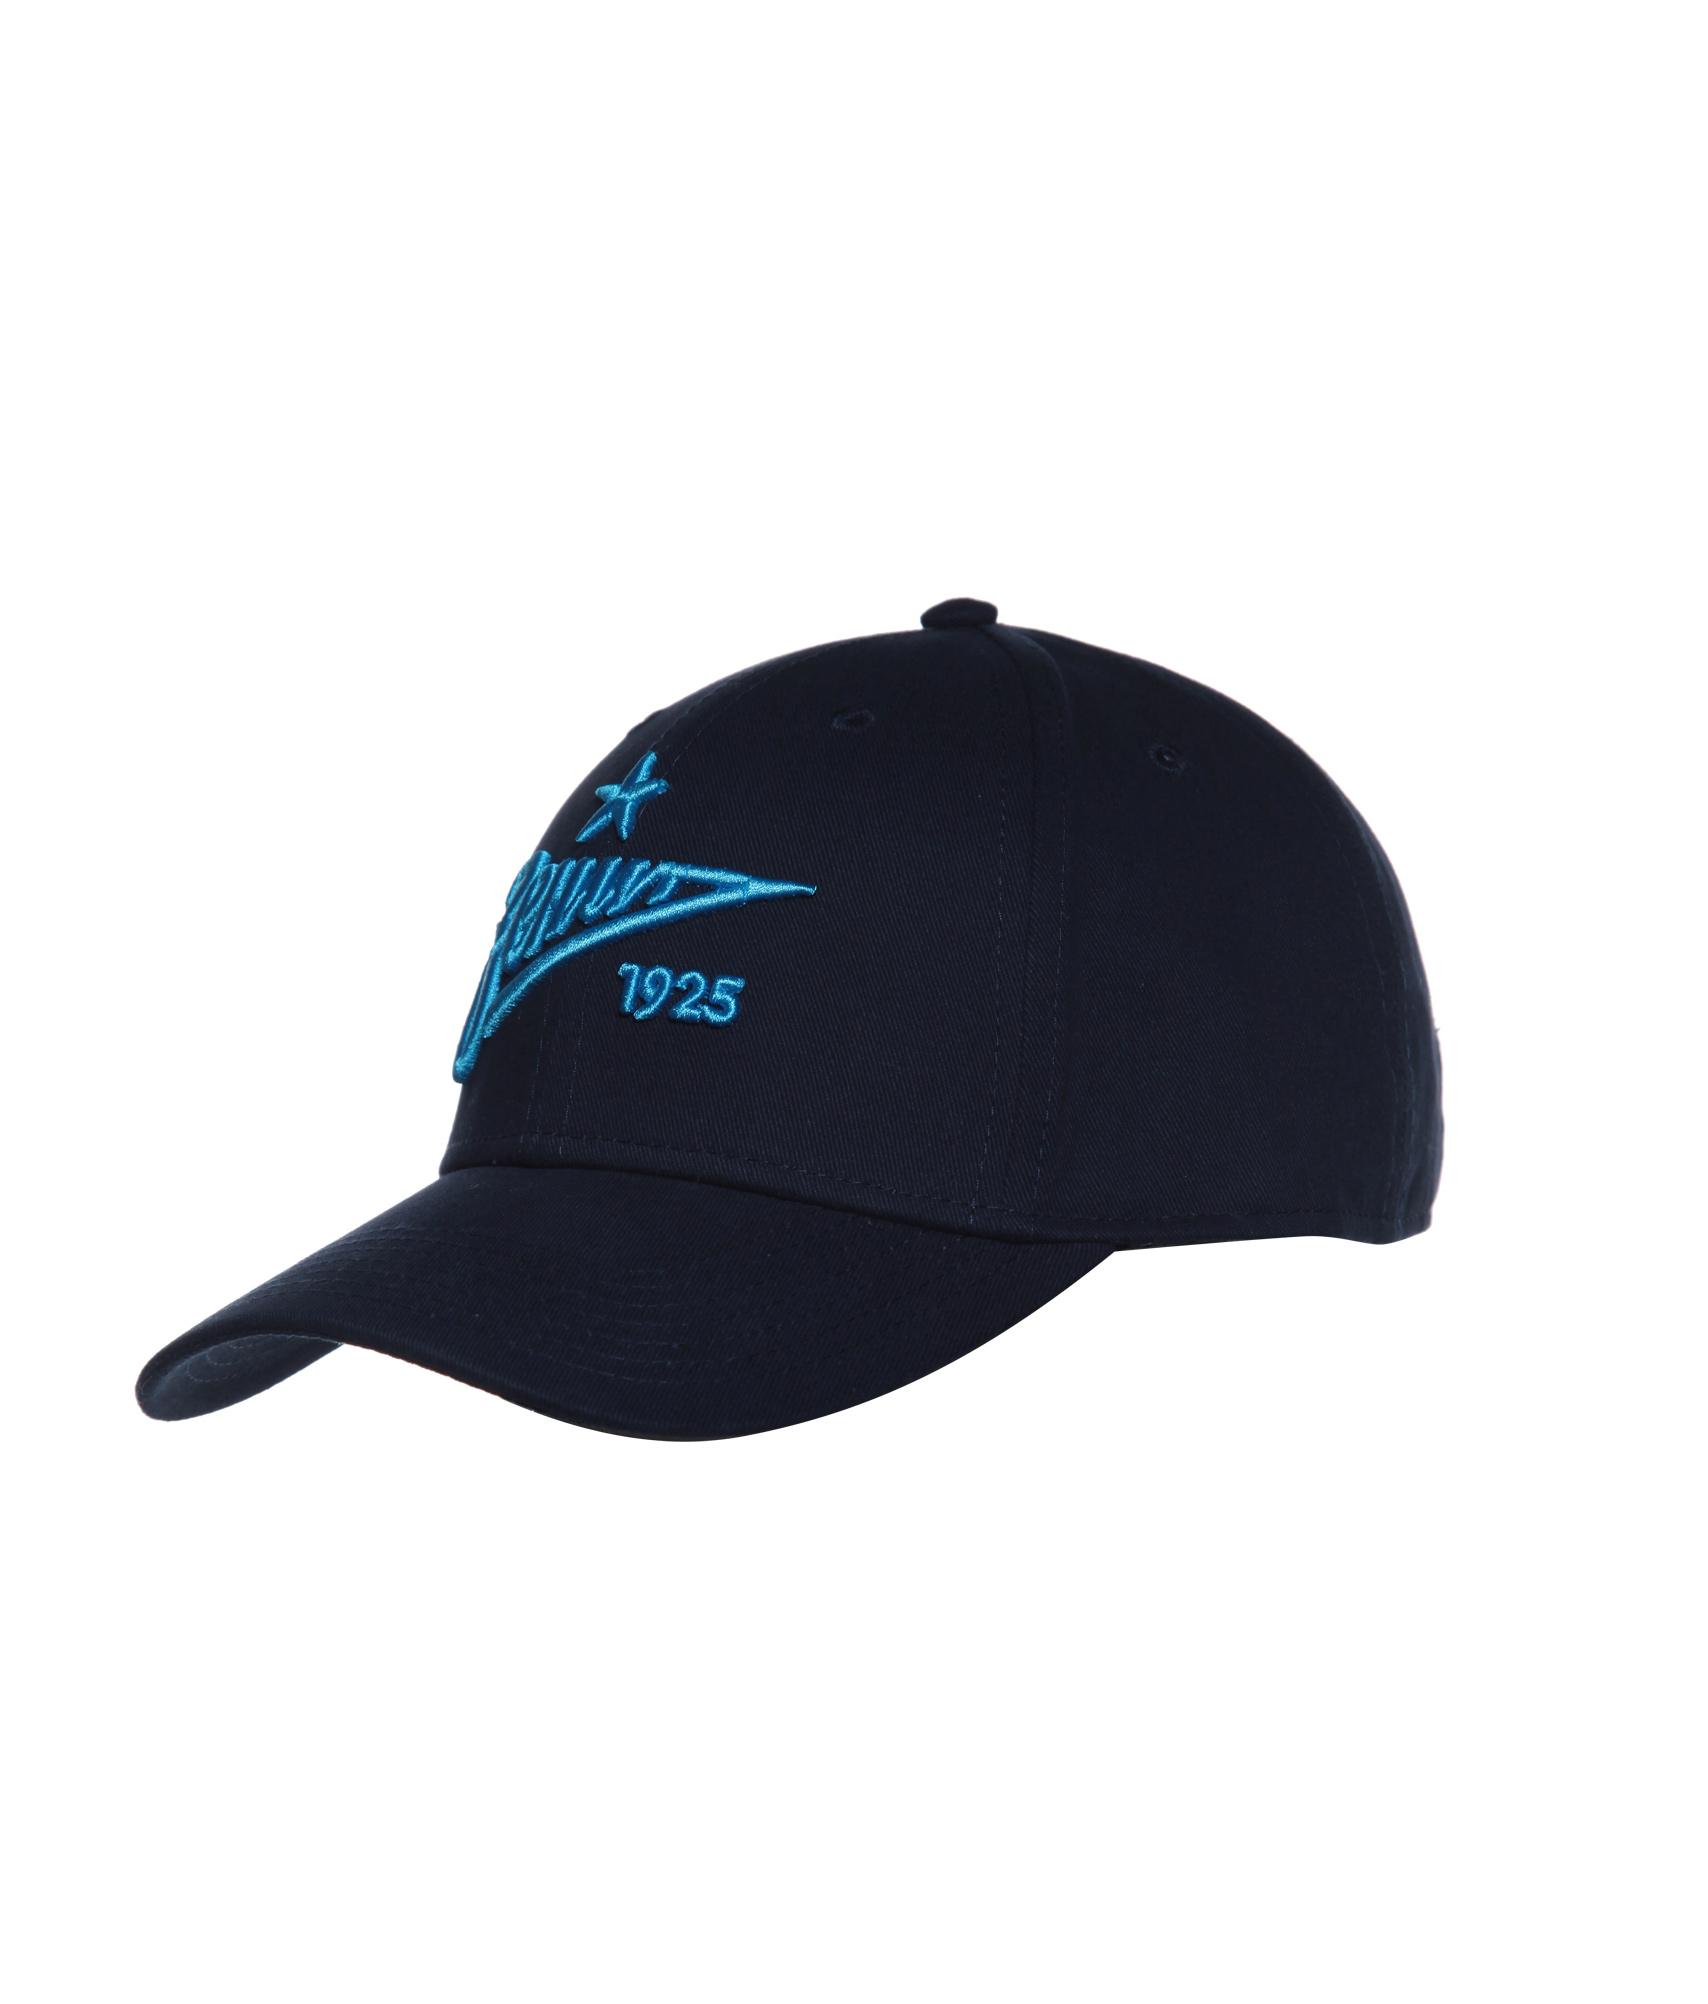 Бейсболка Зенит Зенит Цвет-Темно-Синий бейсболка мужская quiksilver starkness цвет темно синий aqyha04308 bng0 размер универсальный